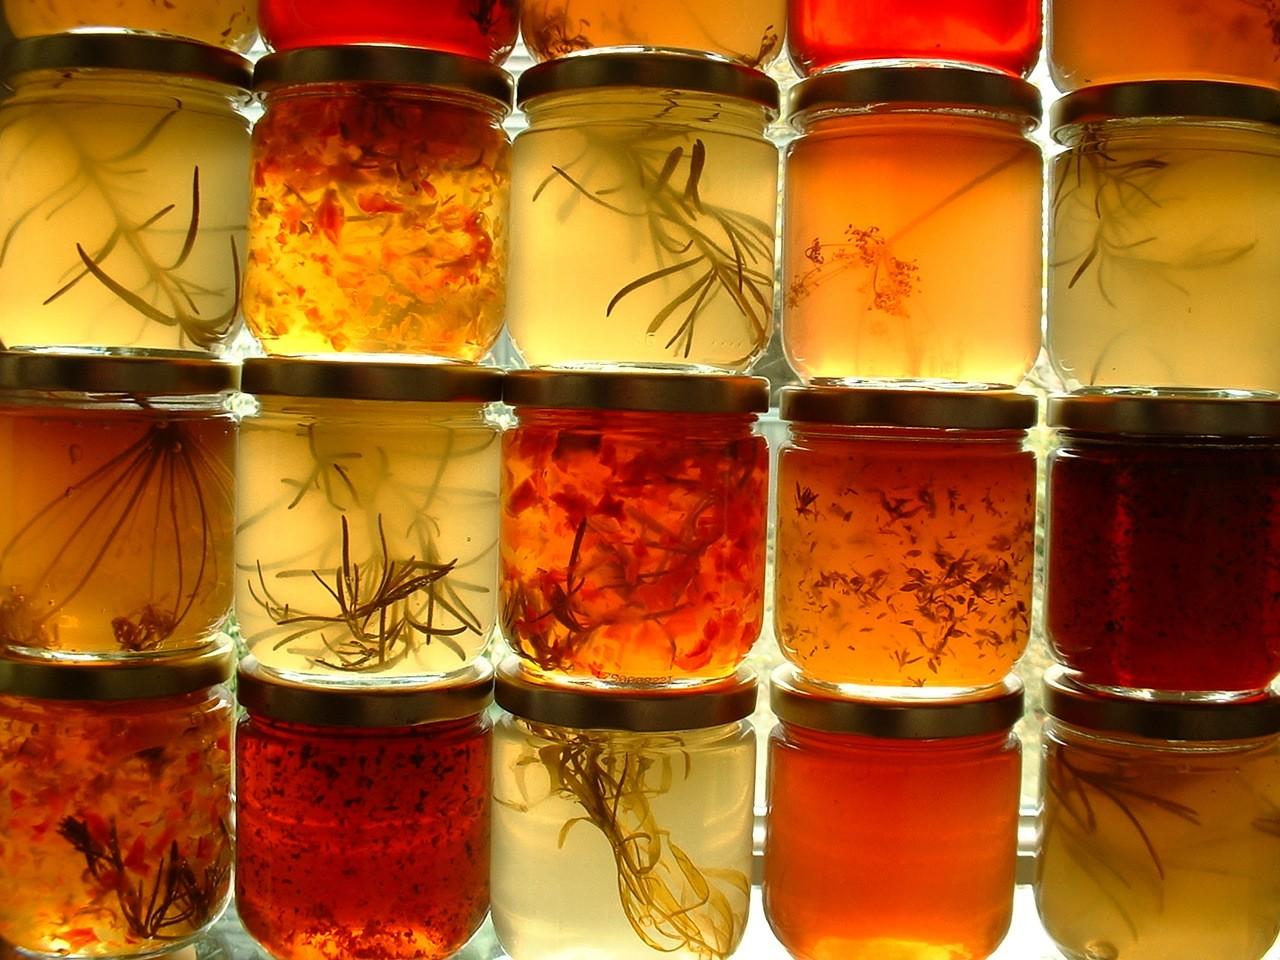 Etykiety na słoiki i miód – projektowanie etykiet, które sprzedają